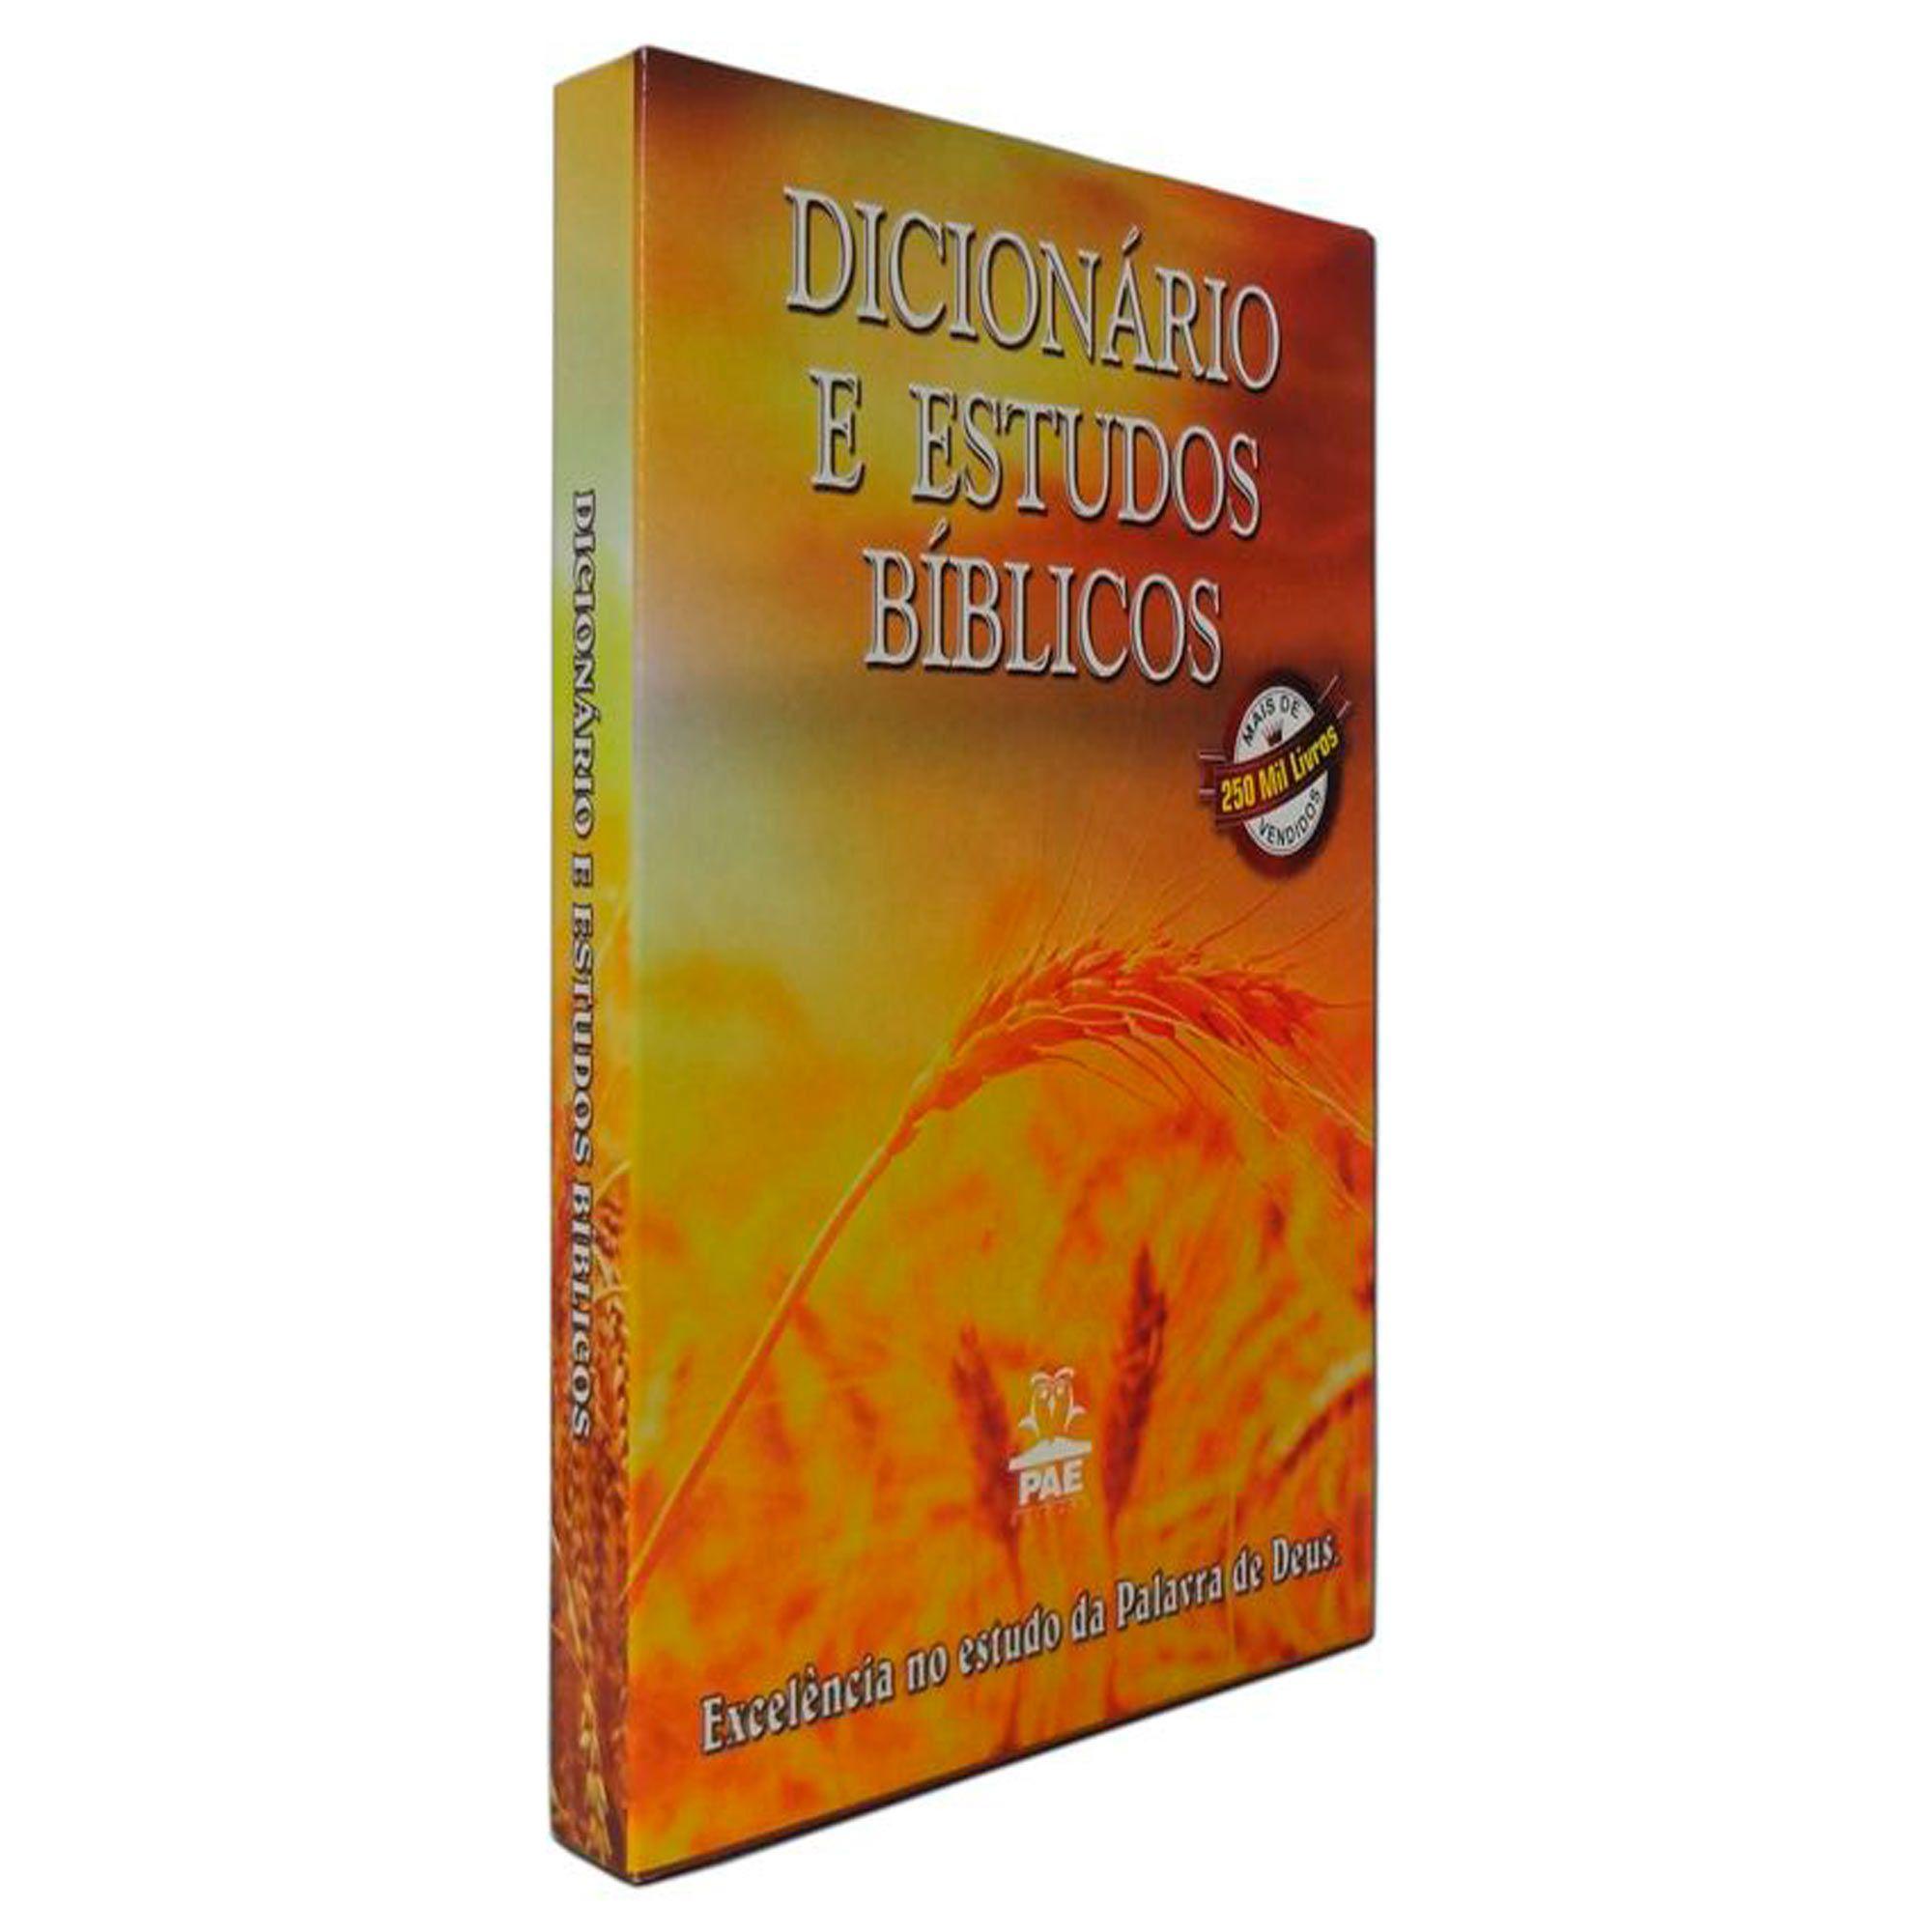 Dicionário Bíblico CCB Estudo Biblicos